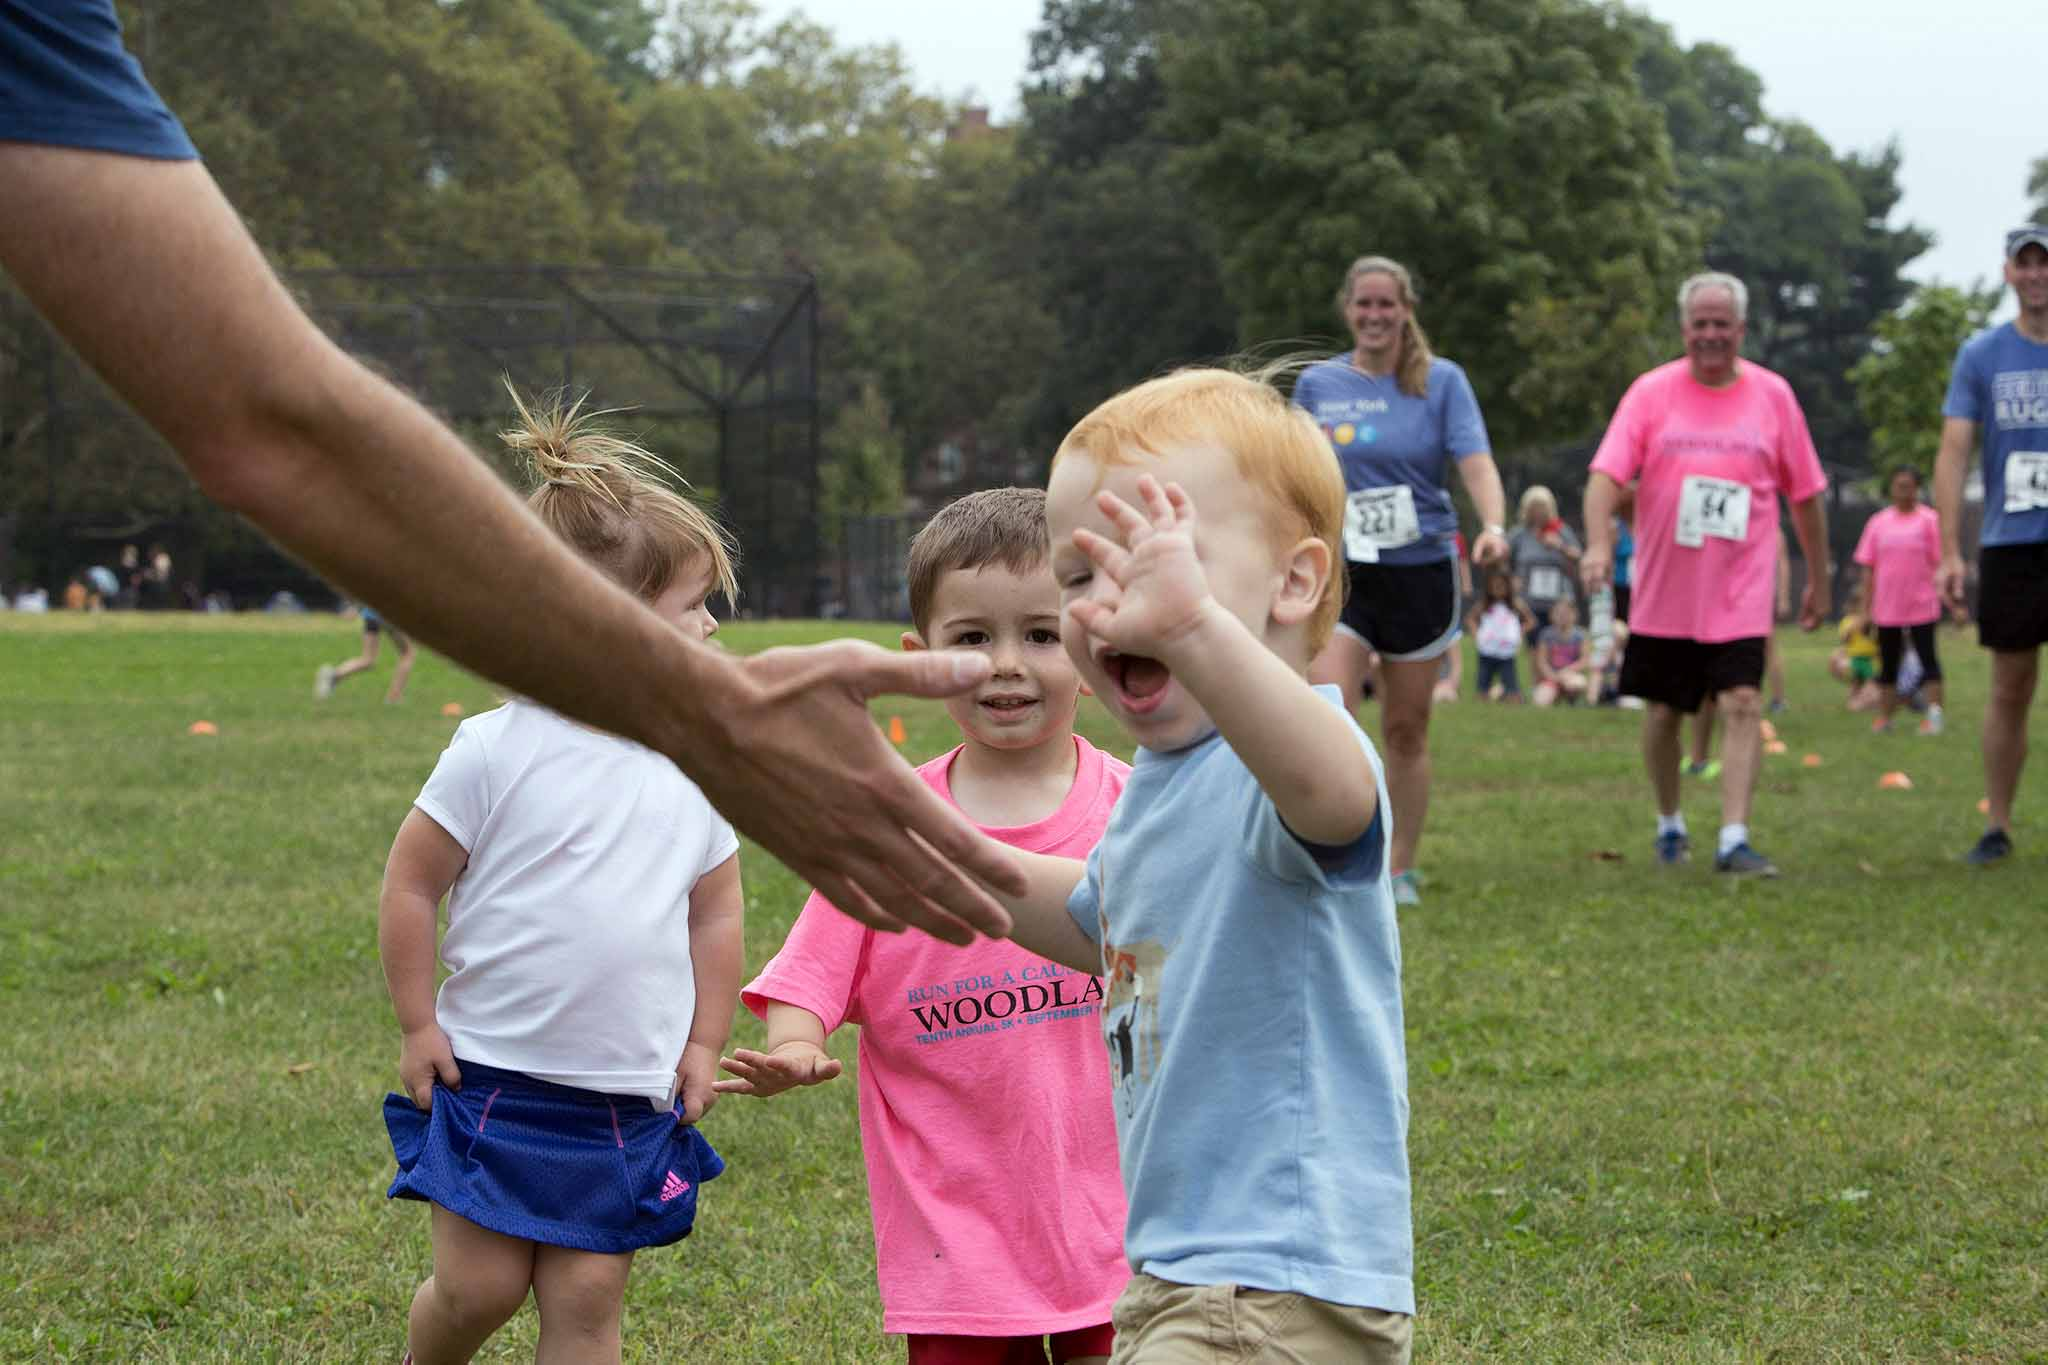 199-Woodlawn Run for a Cause-585.jpg